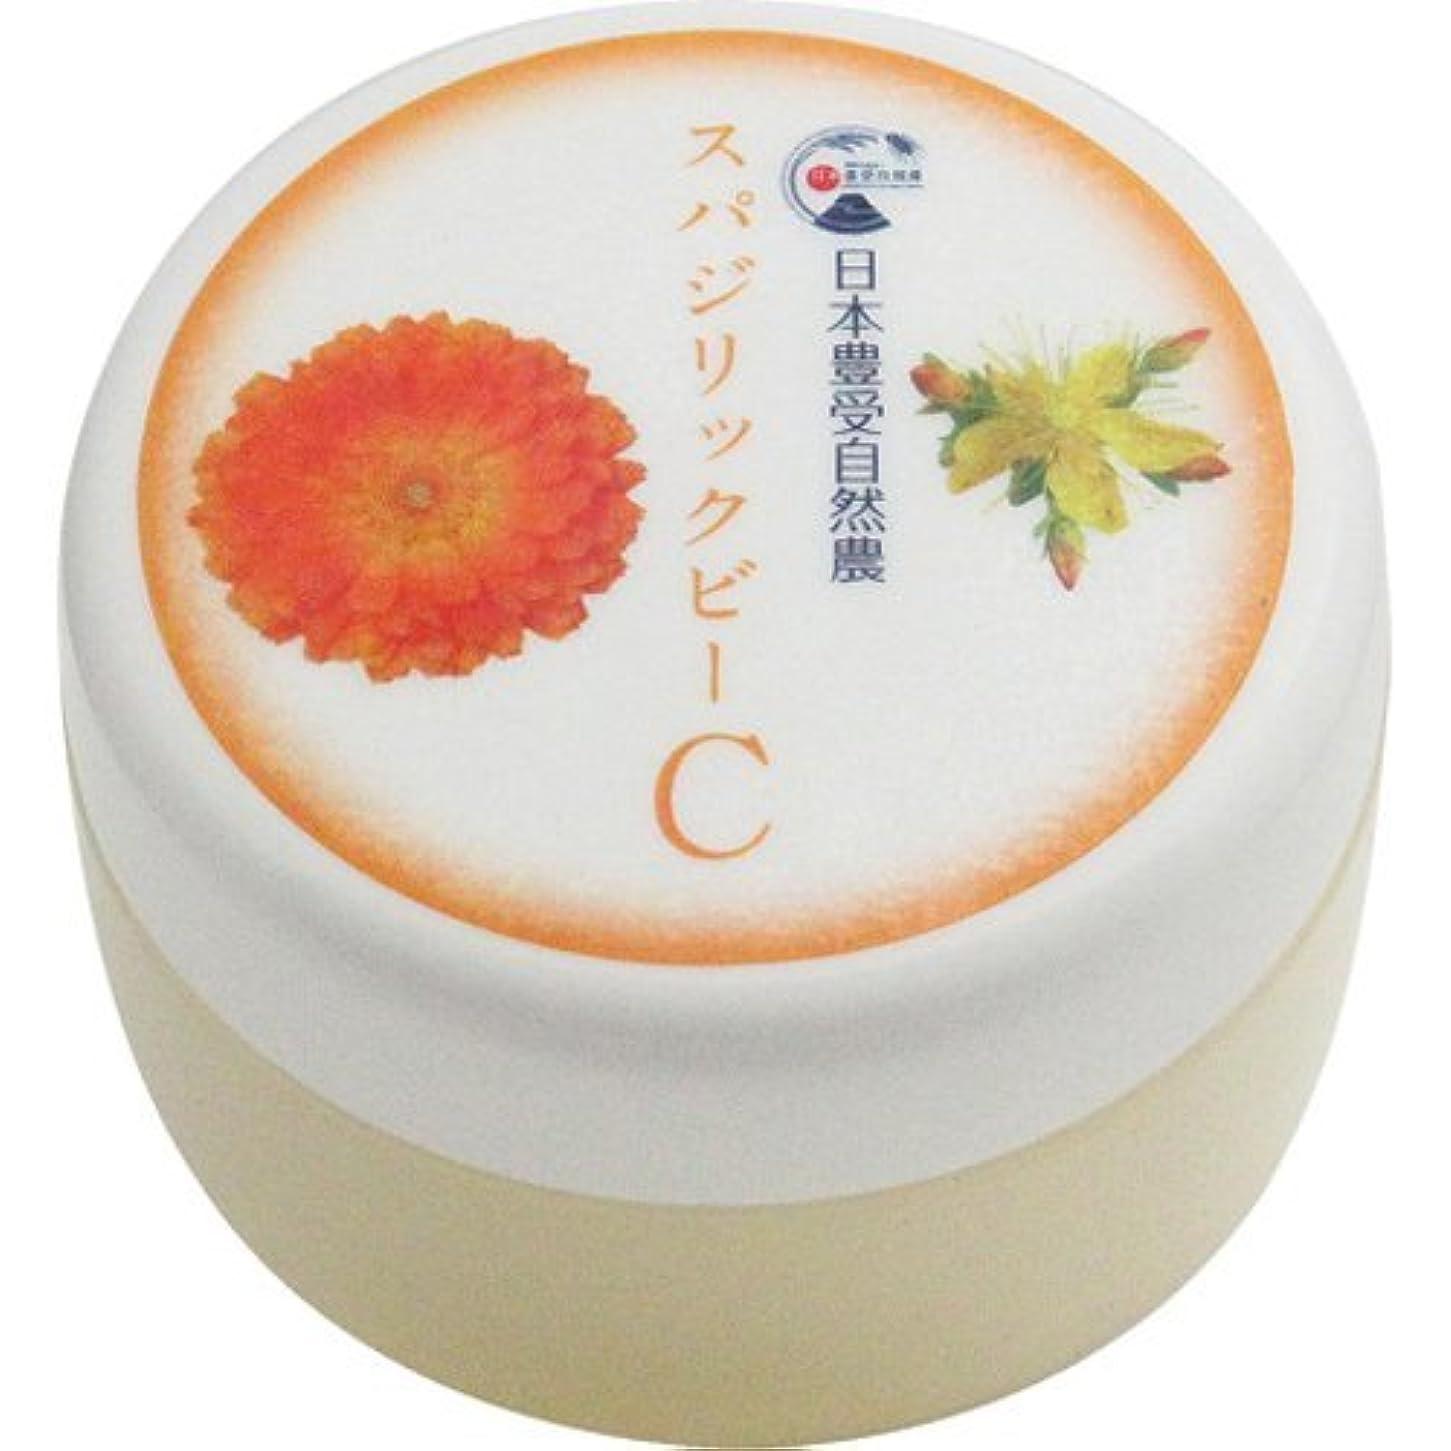 電気的インタフェース公然と日本豊受自然農 スパジリック ビーC(小) 10g